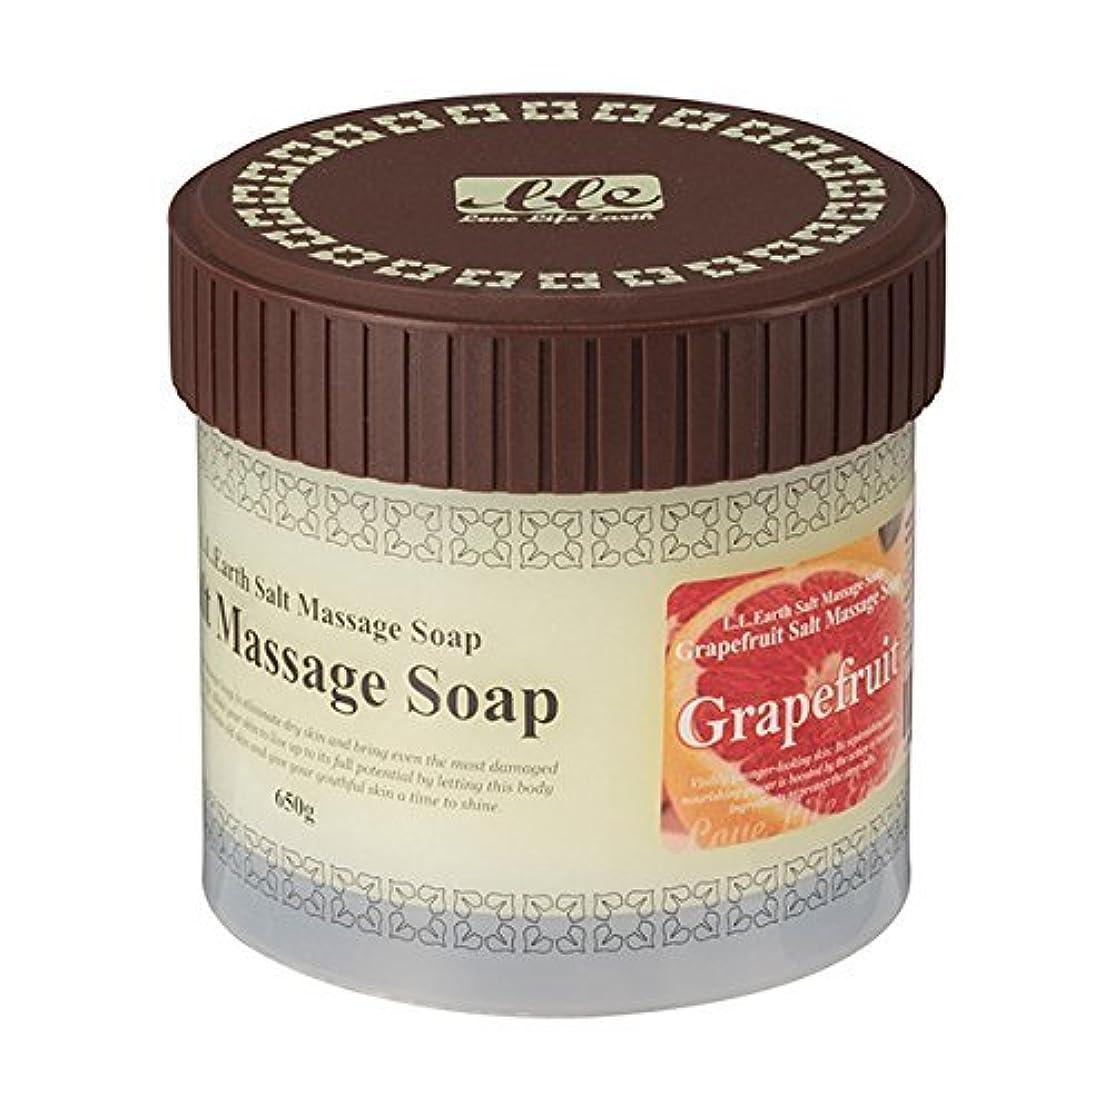 ラテン面白いでるLLE 業務用 ソルトマッサージソープ 650g [選べる香り5種類] ( ボディ用 スクラブ ) グレープフルーツ